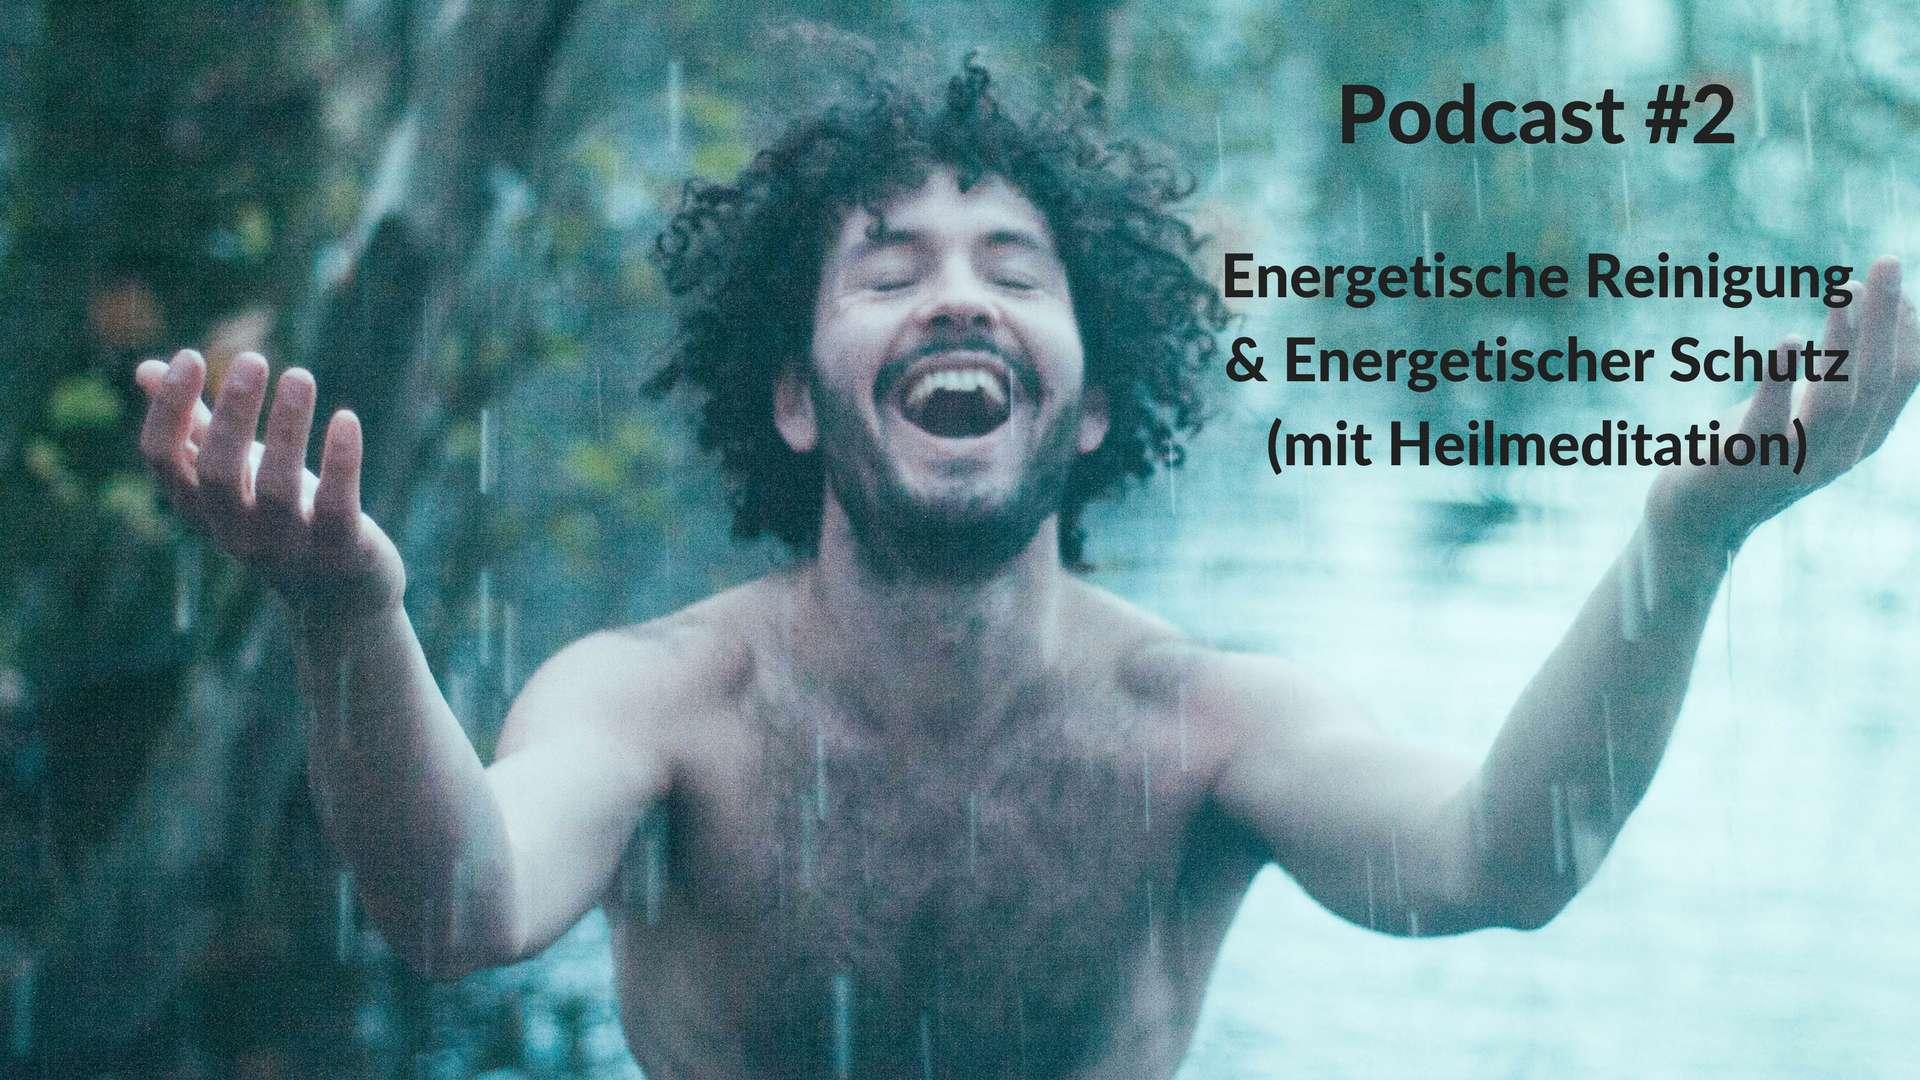 Energetische Reinigung & Energetischer Schutz (mit Heilmeditation)